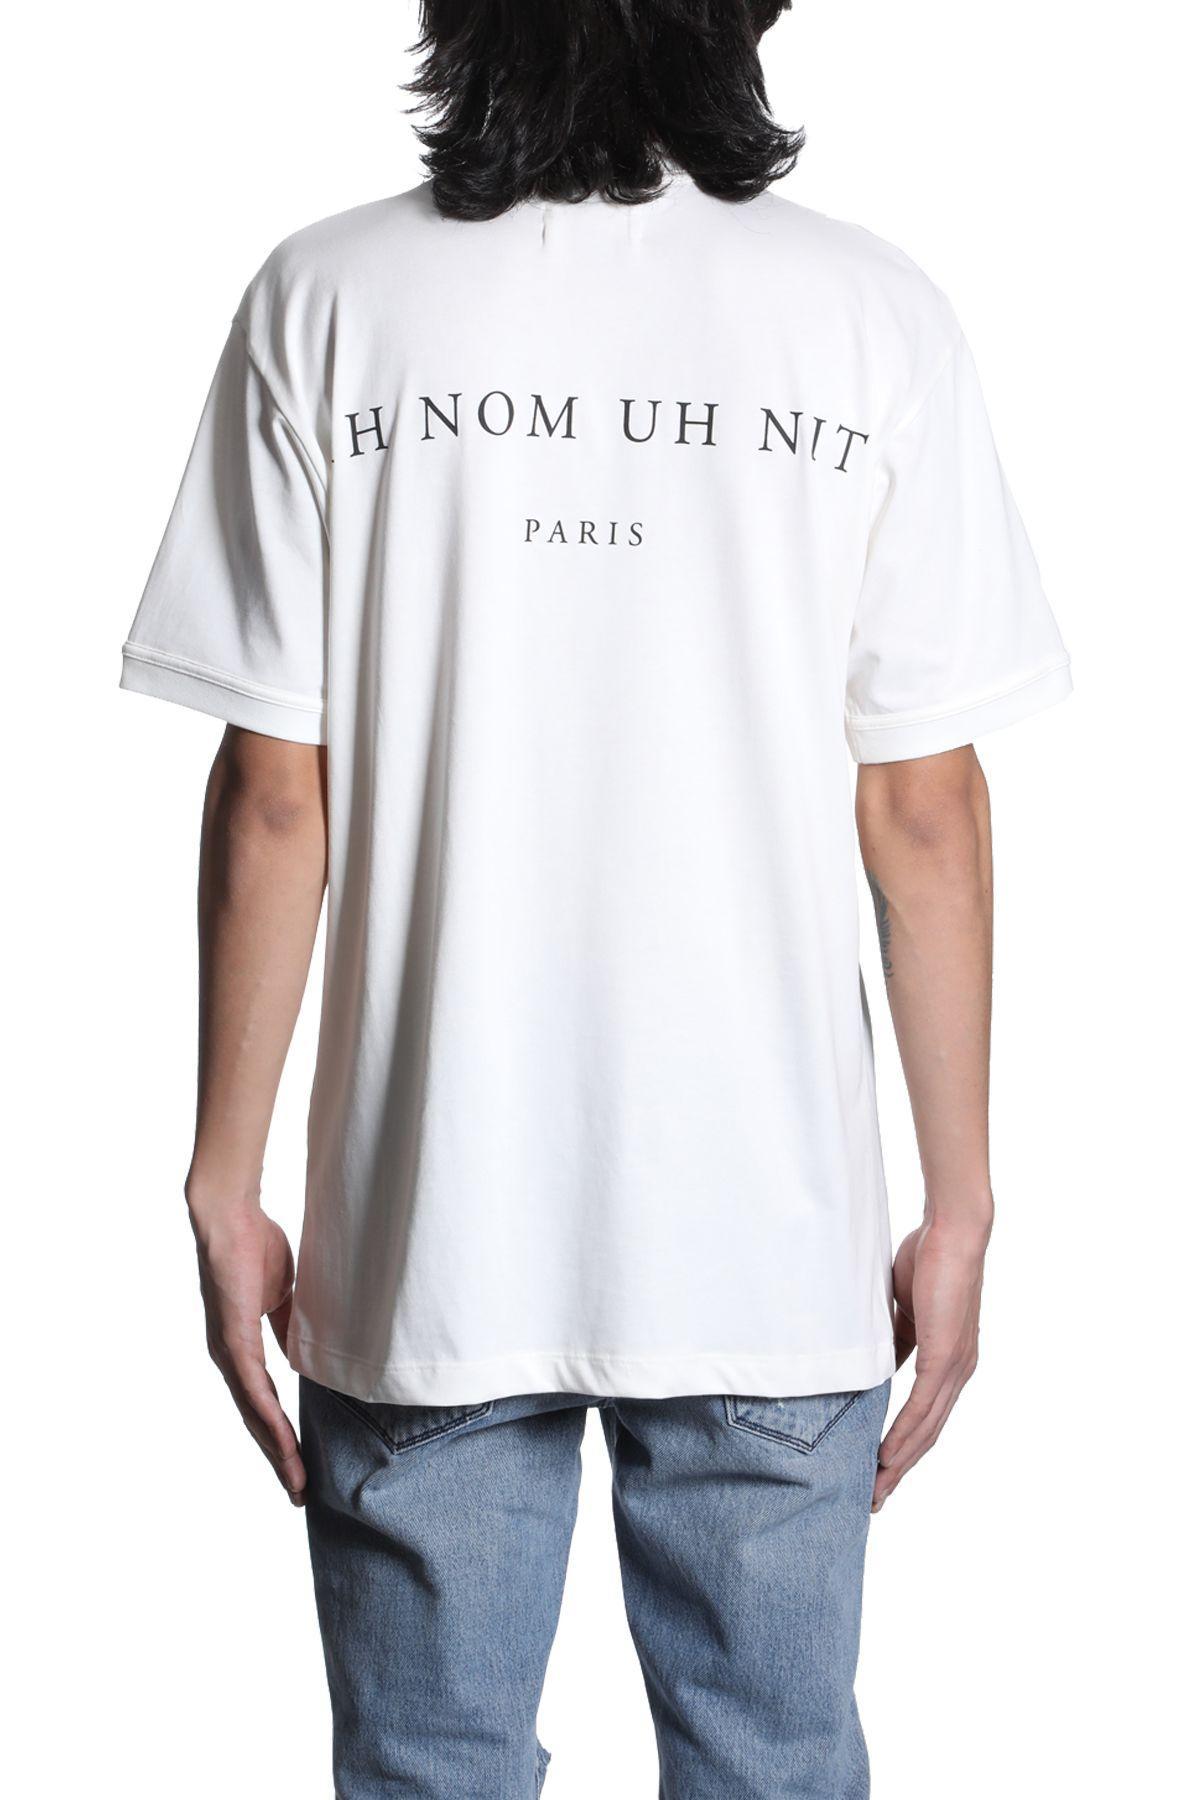 Ih Nom Uh Nit Nus18450 In Panna